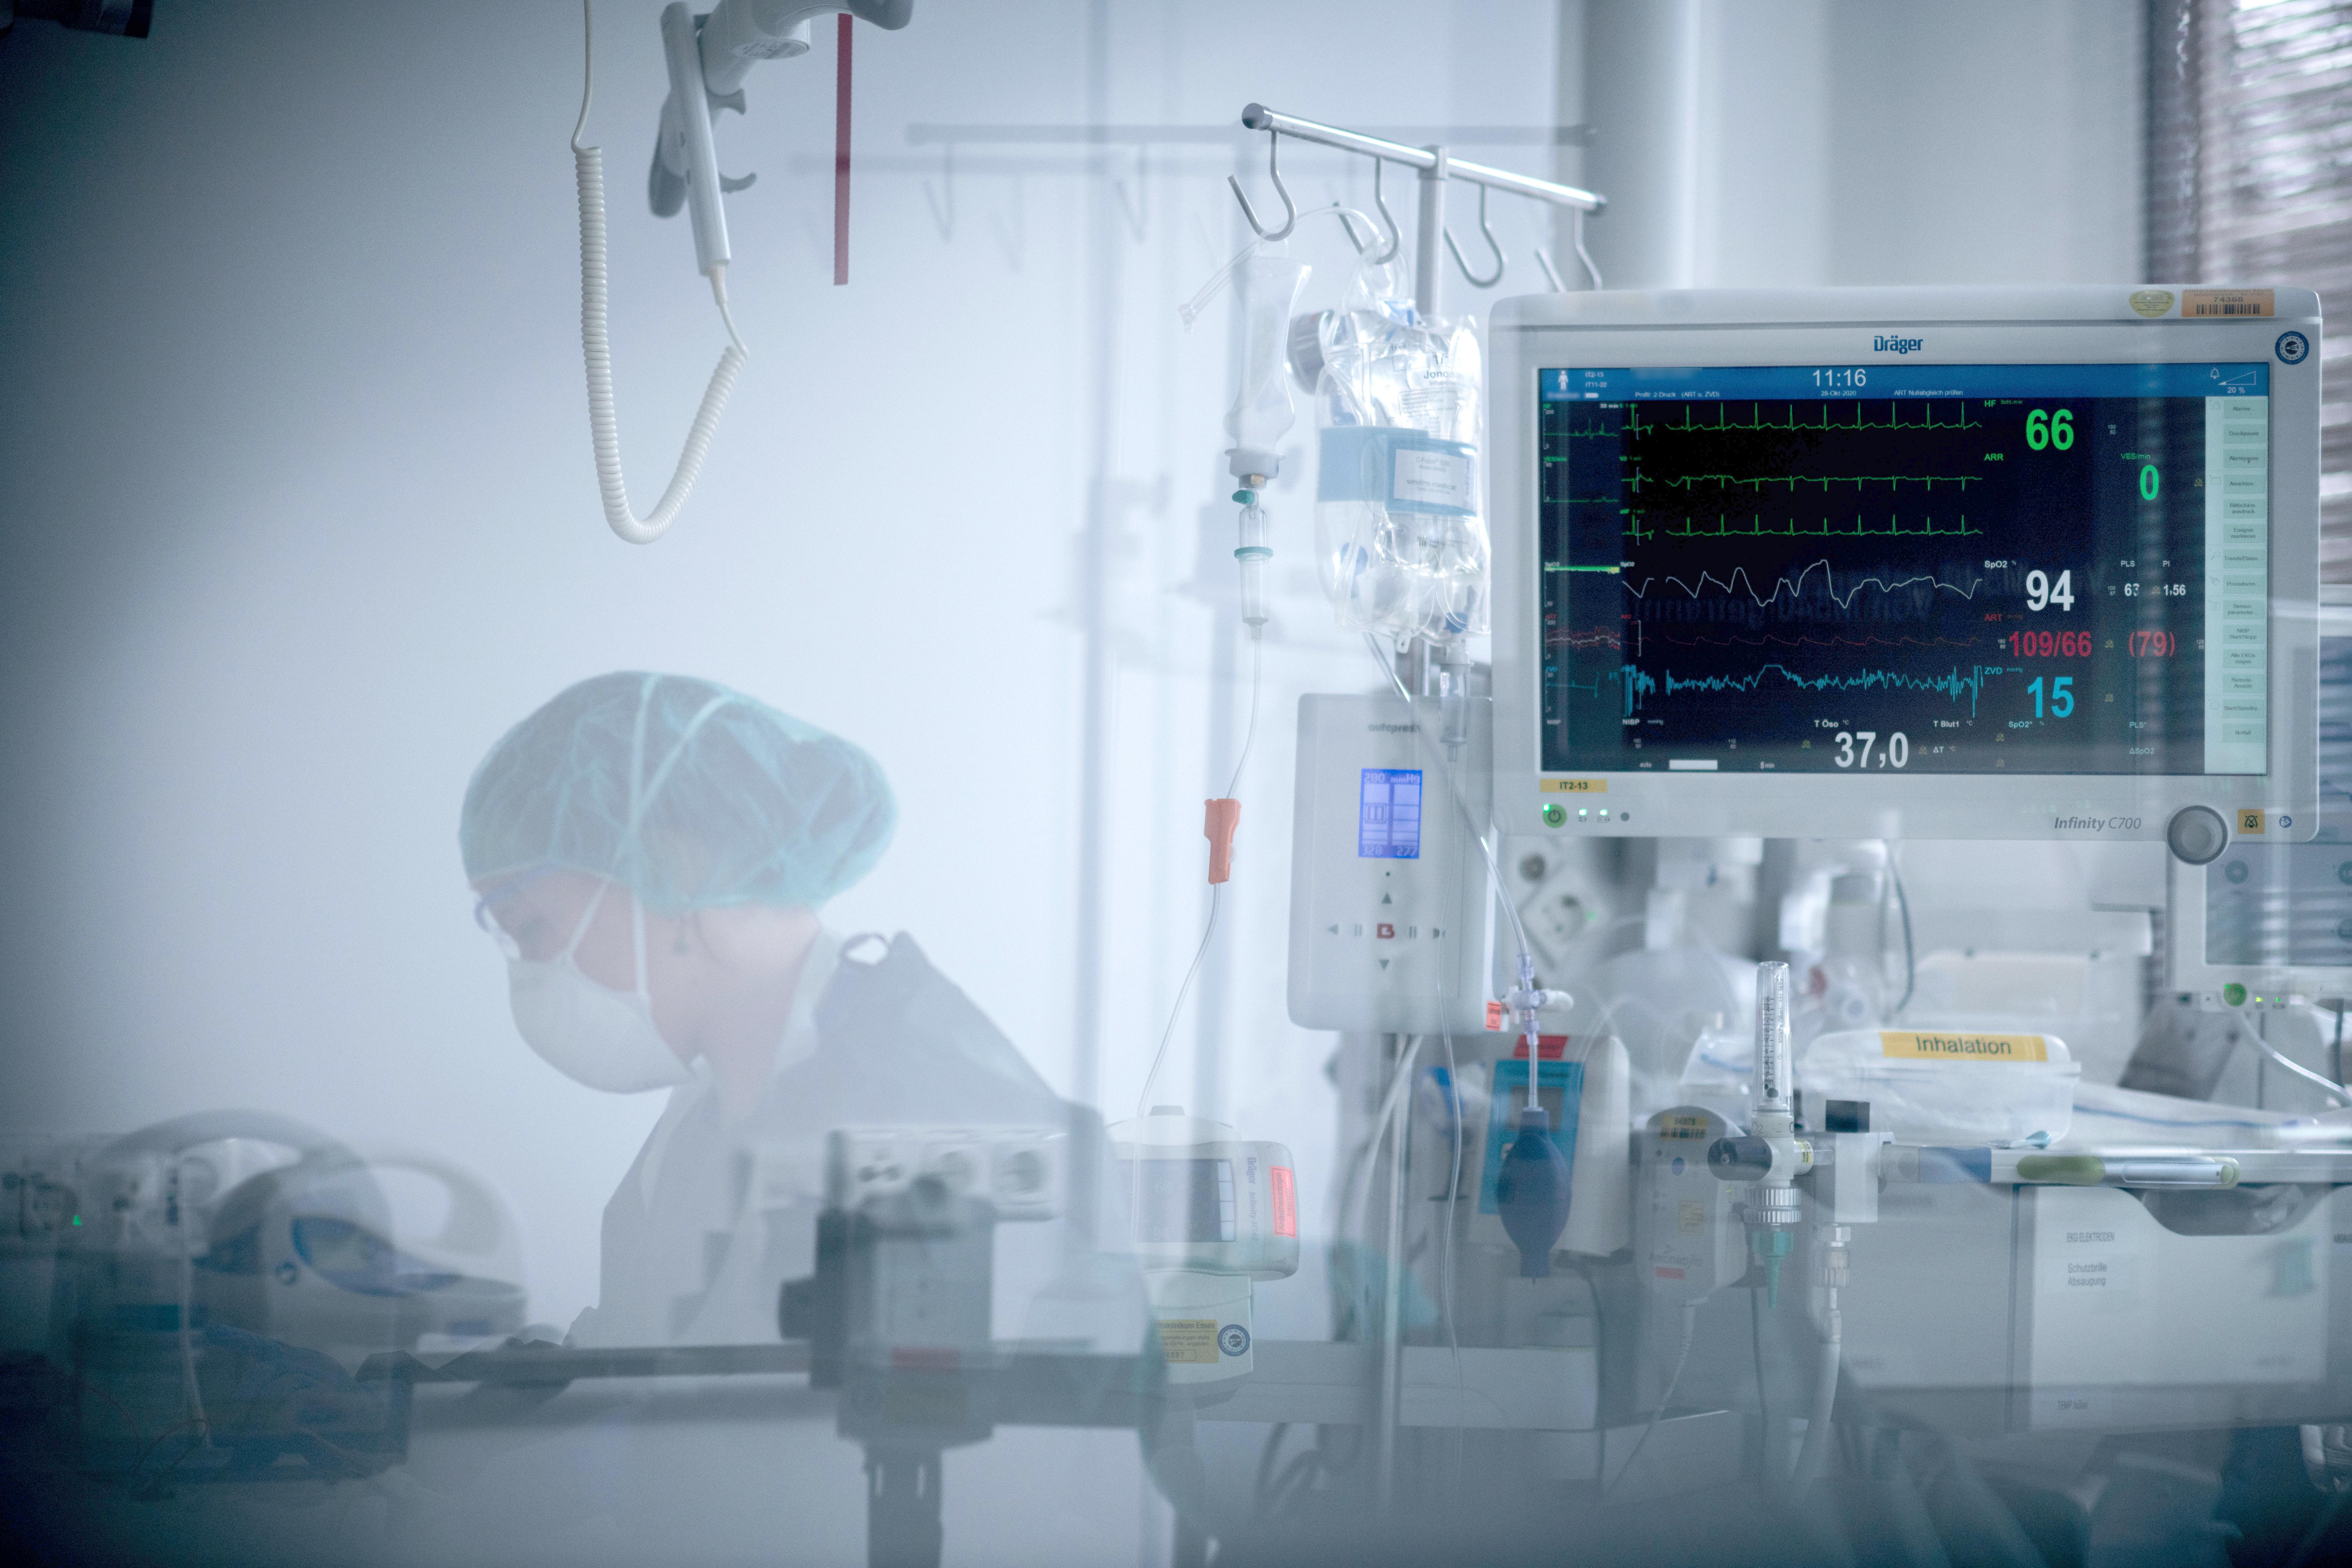 31 éves nő a koronavírus egyik áldozata